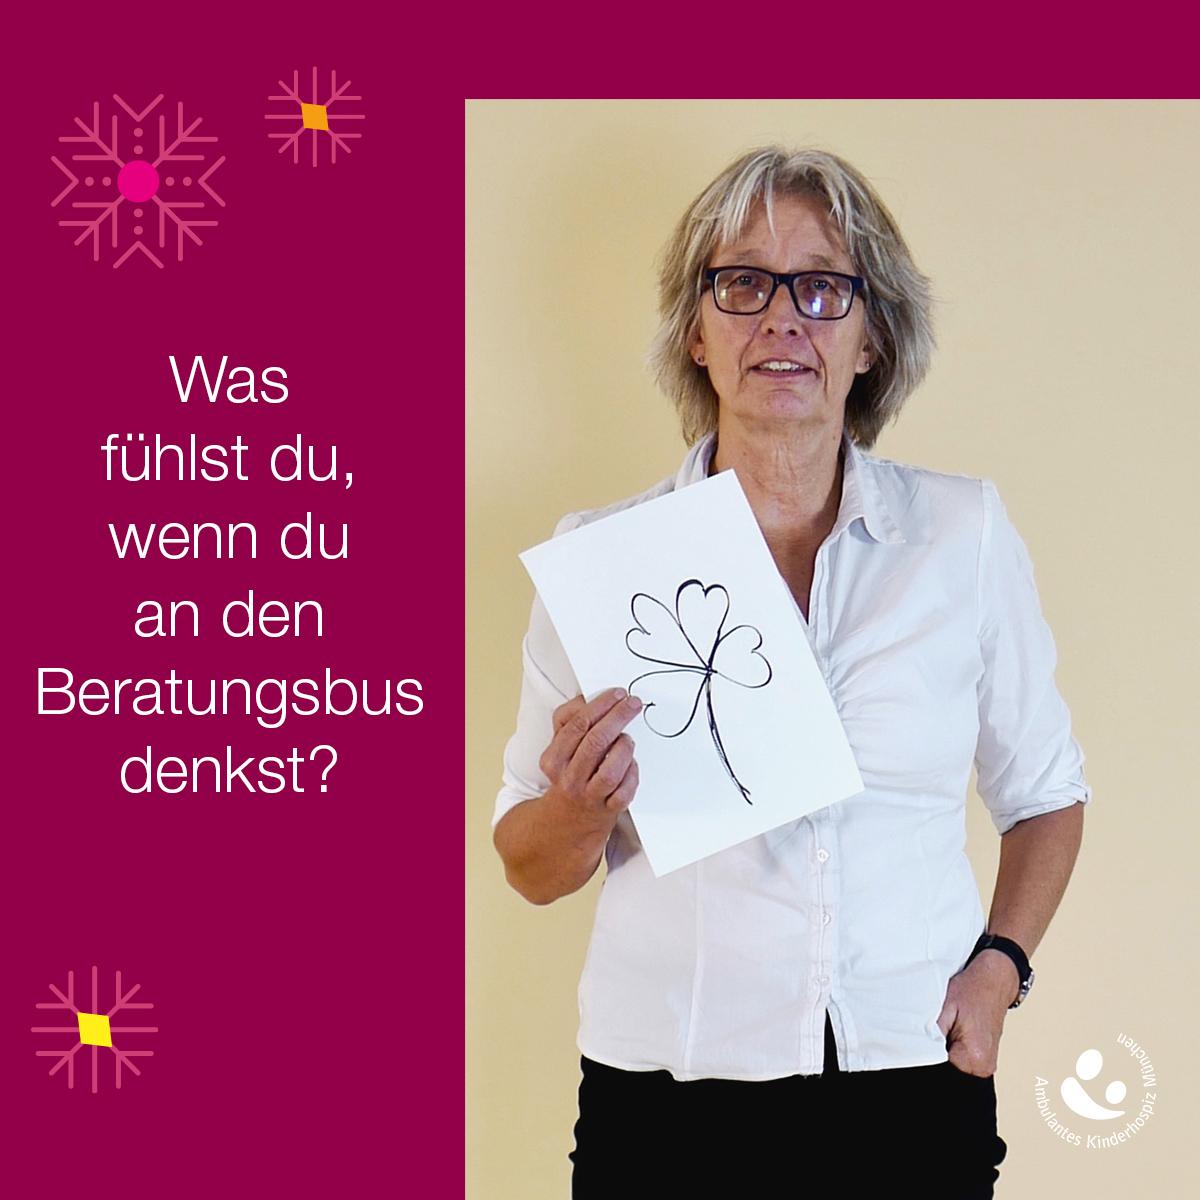 Ein Bild sagt mehr als 1.000 Worte: Barbara Schachtschneider